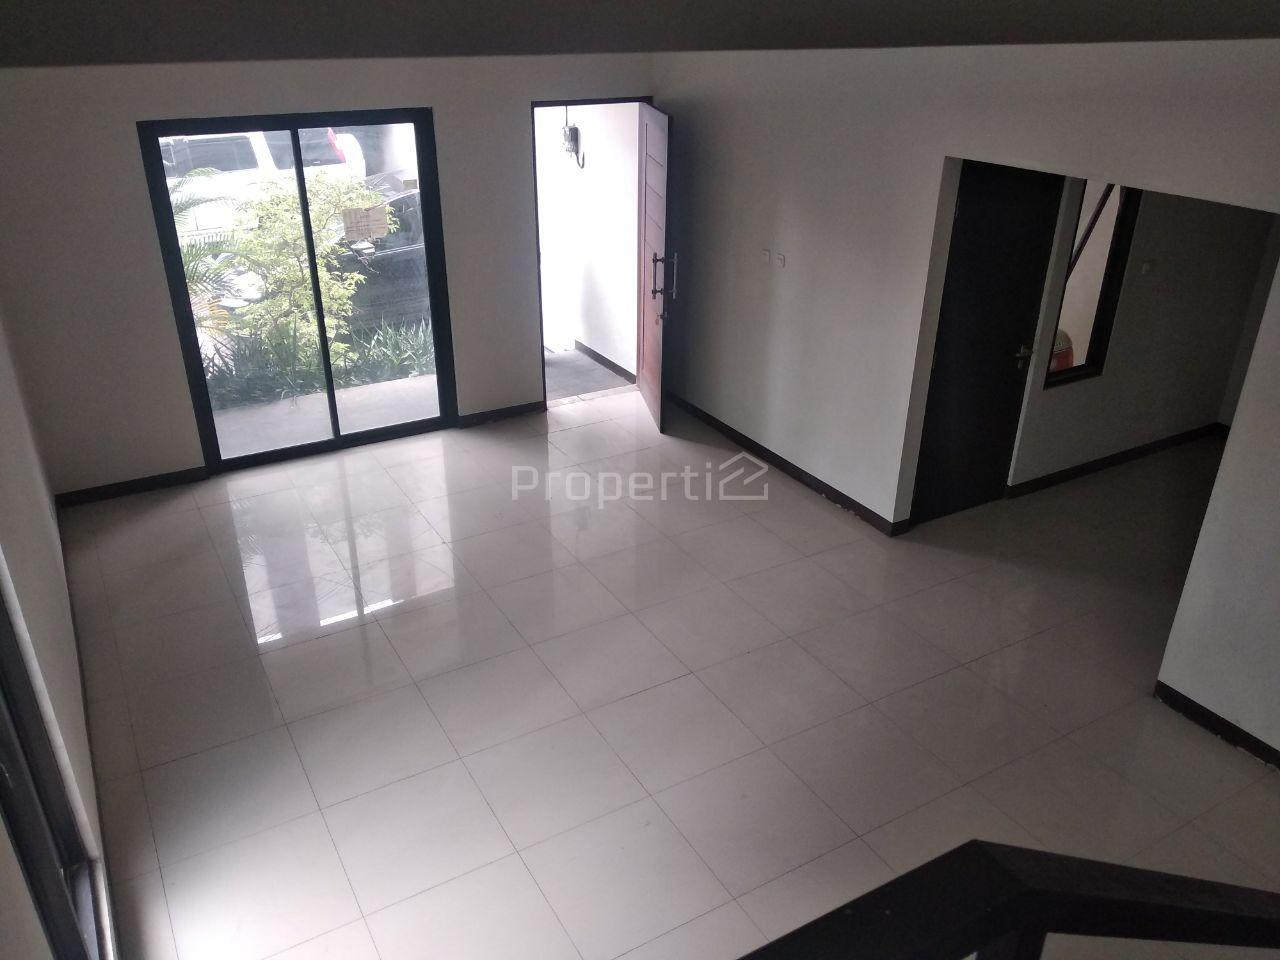 Rumah Baru di Ps. Manggis, Setiabudi, DKI Jakarta